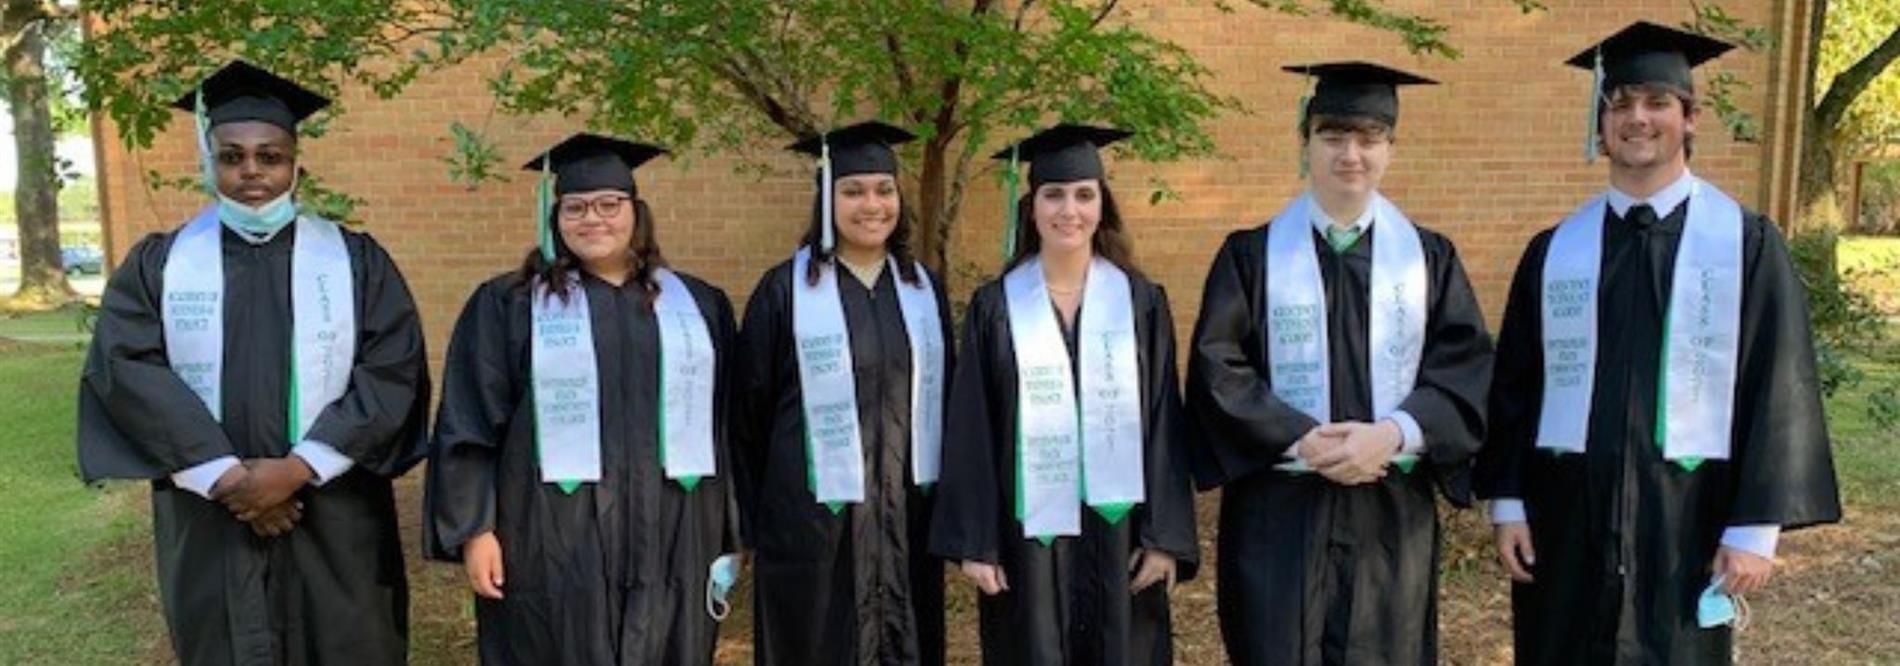 ESCC Grads